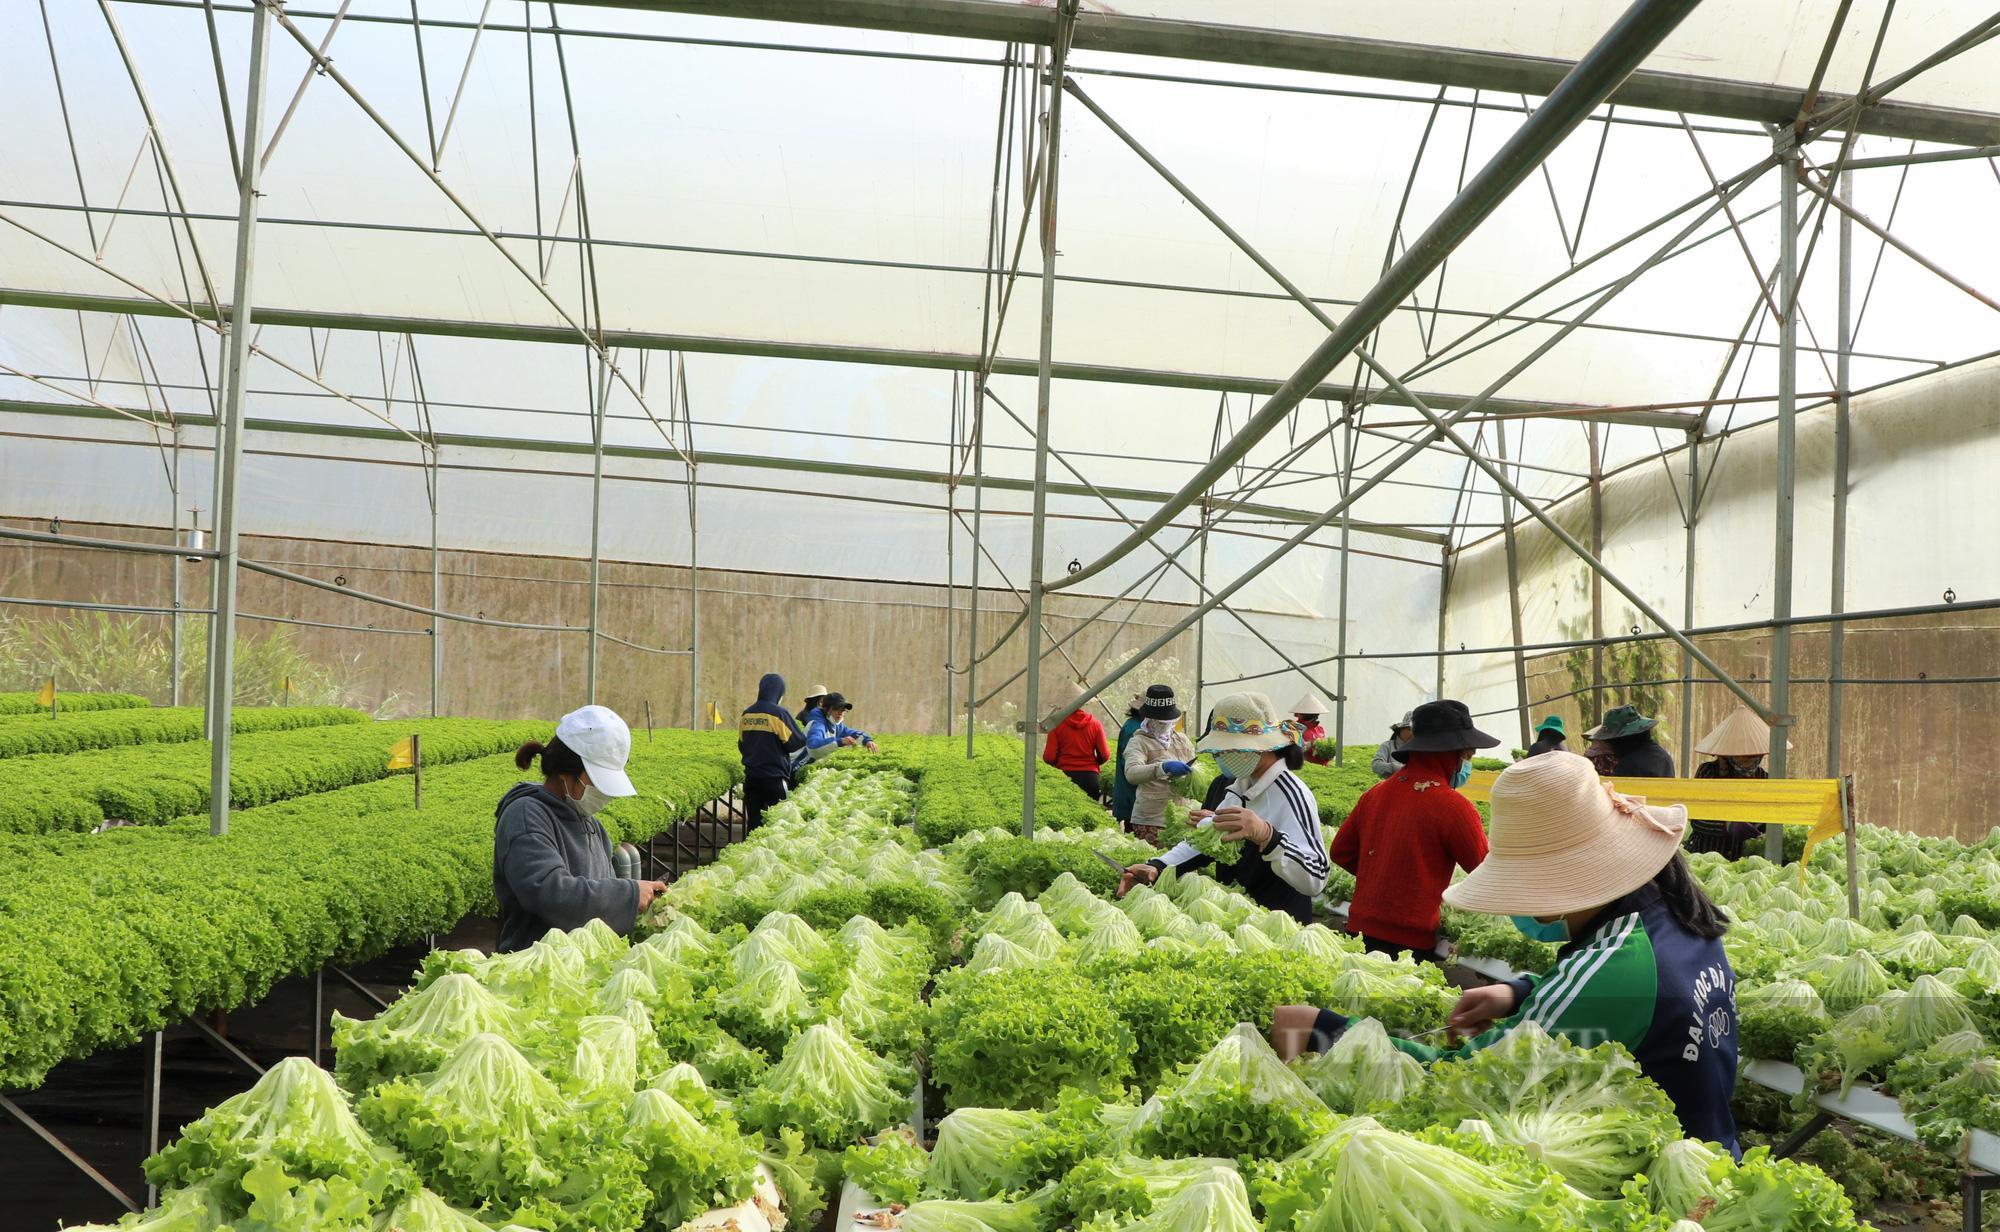 """""""Dũng cao"""" làm nông nghiệp công nghệ cao, xuất khẩu hàng trăm tấn rau xà lách đi Hàn Quốc - Ảnh 2."""